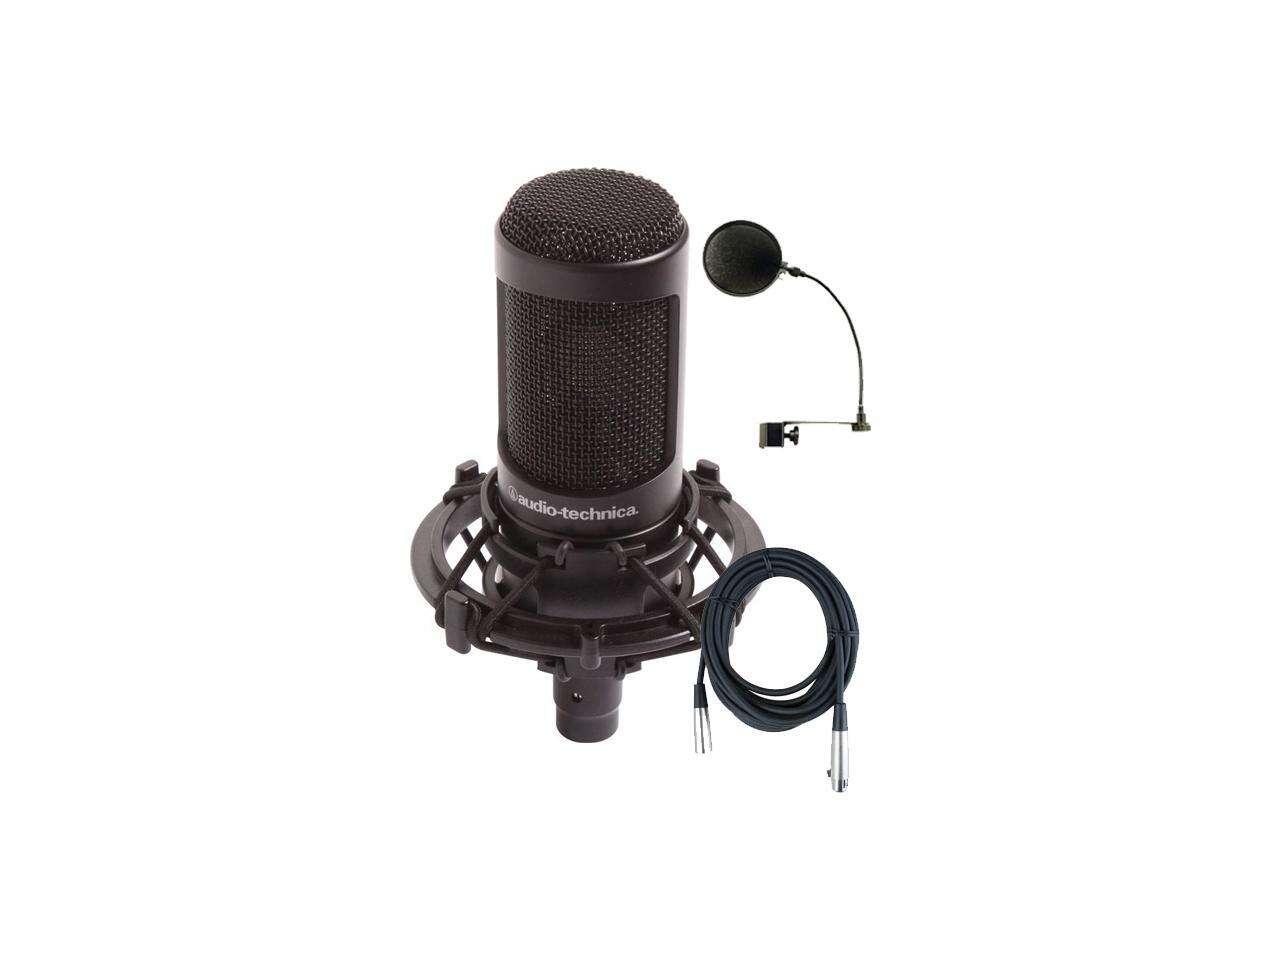 AT 2035 fait partie de la gamme des microphones à condensateur pour studios